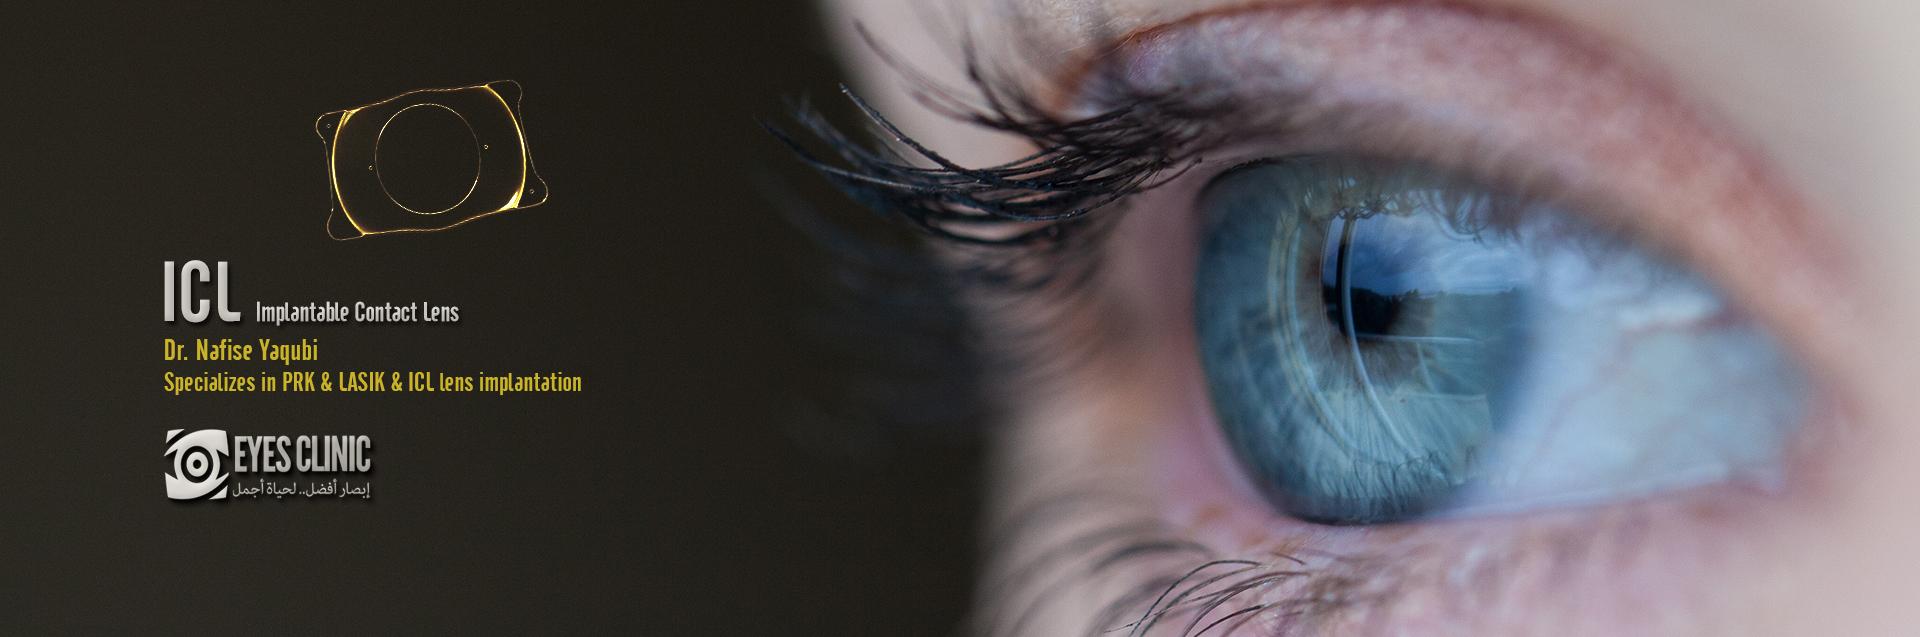 زراعة عدسات داخل العين في ايران Implant Contact Lens in Iran